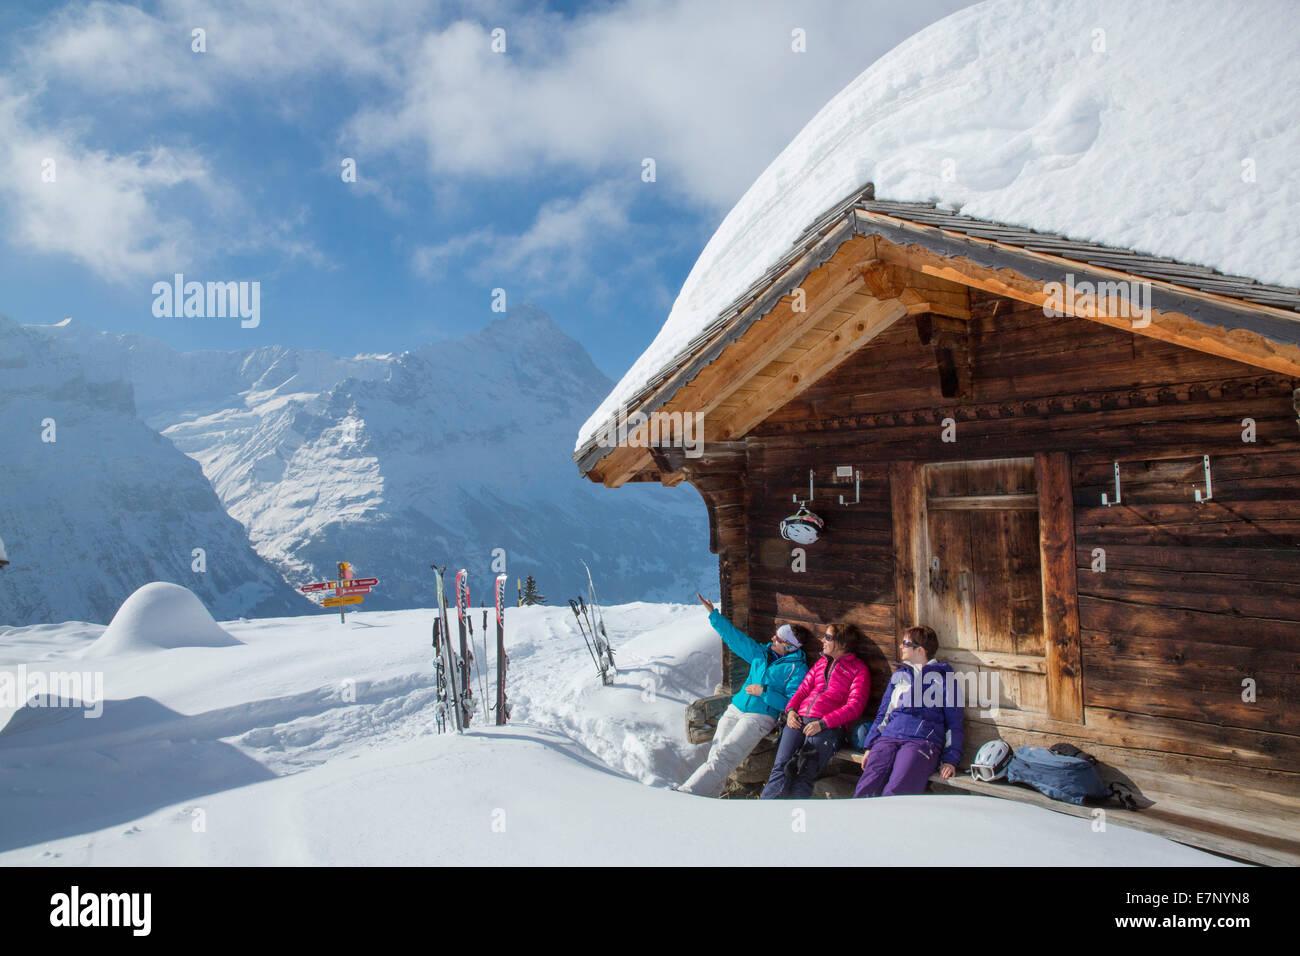 Esquí, esquí, turismo Grindelwald, ridge, Eigers, montaña, montaña, esquí, esquí, Imagen De Stock